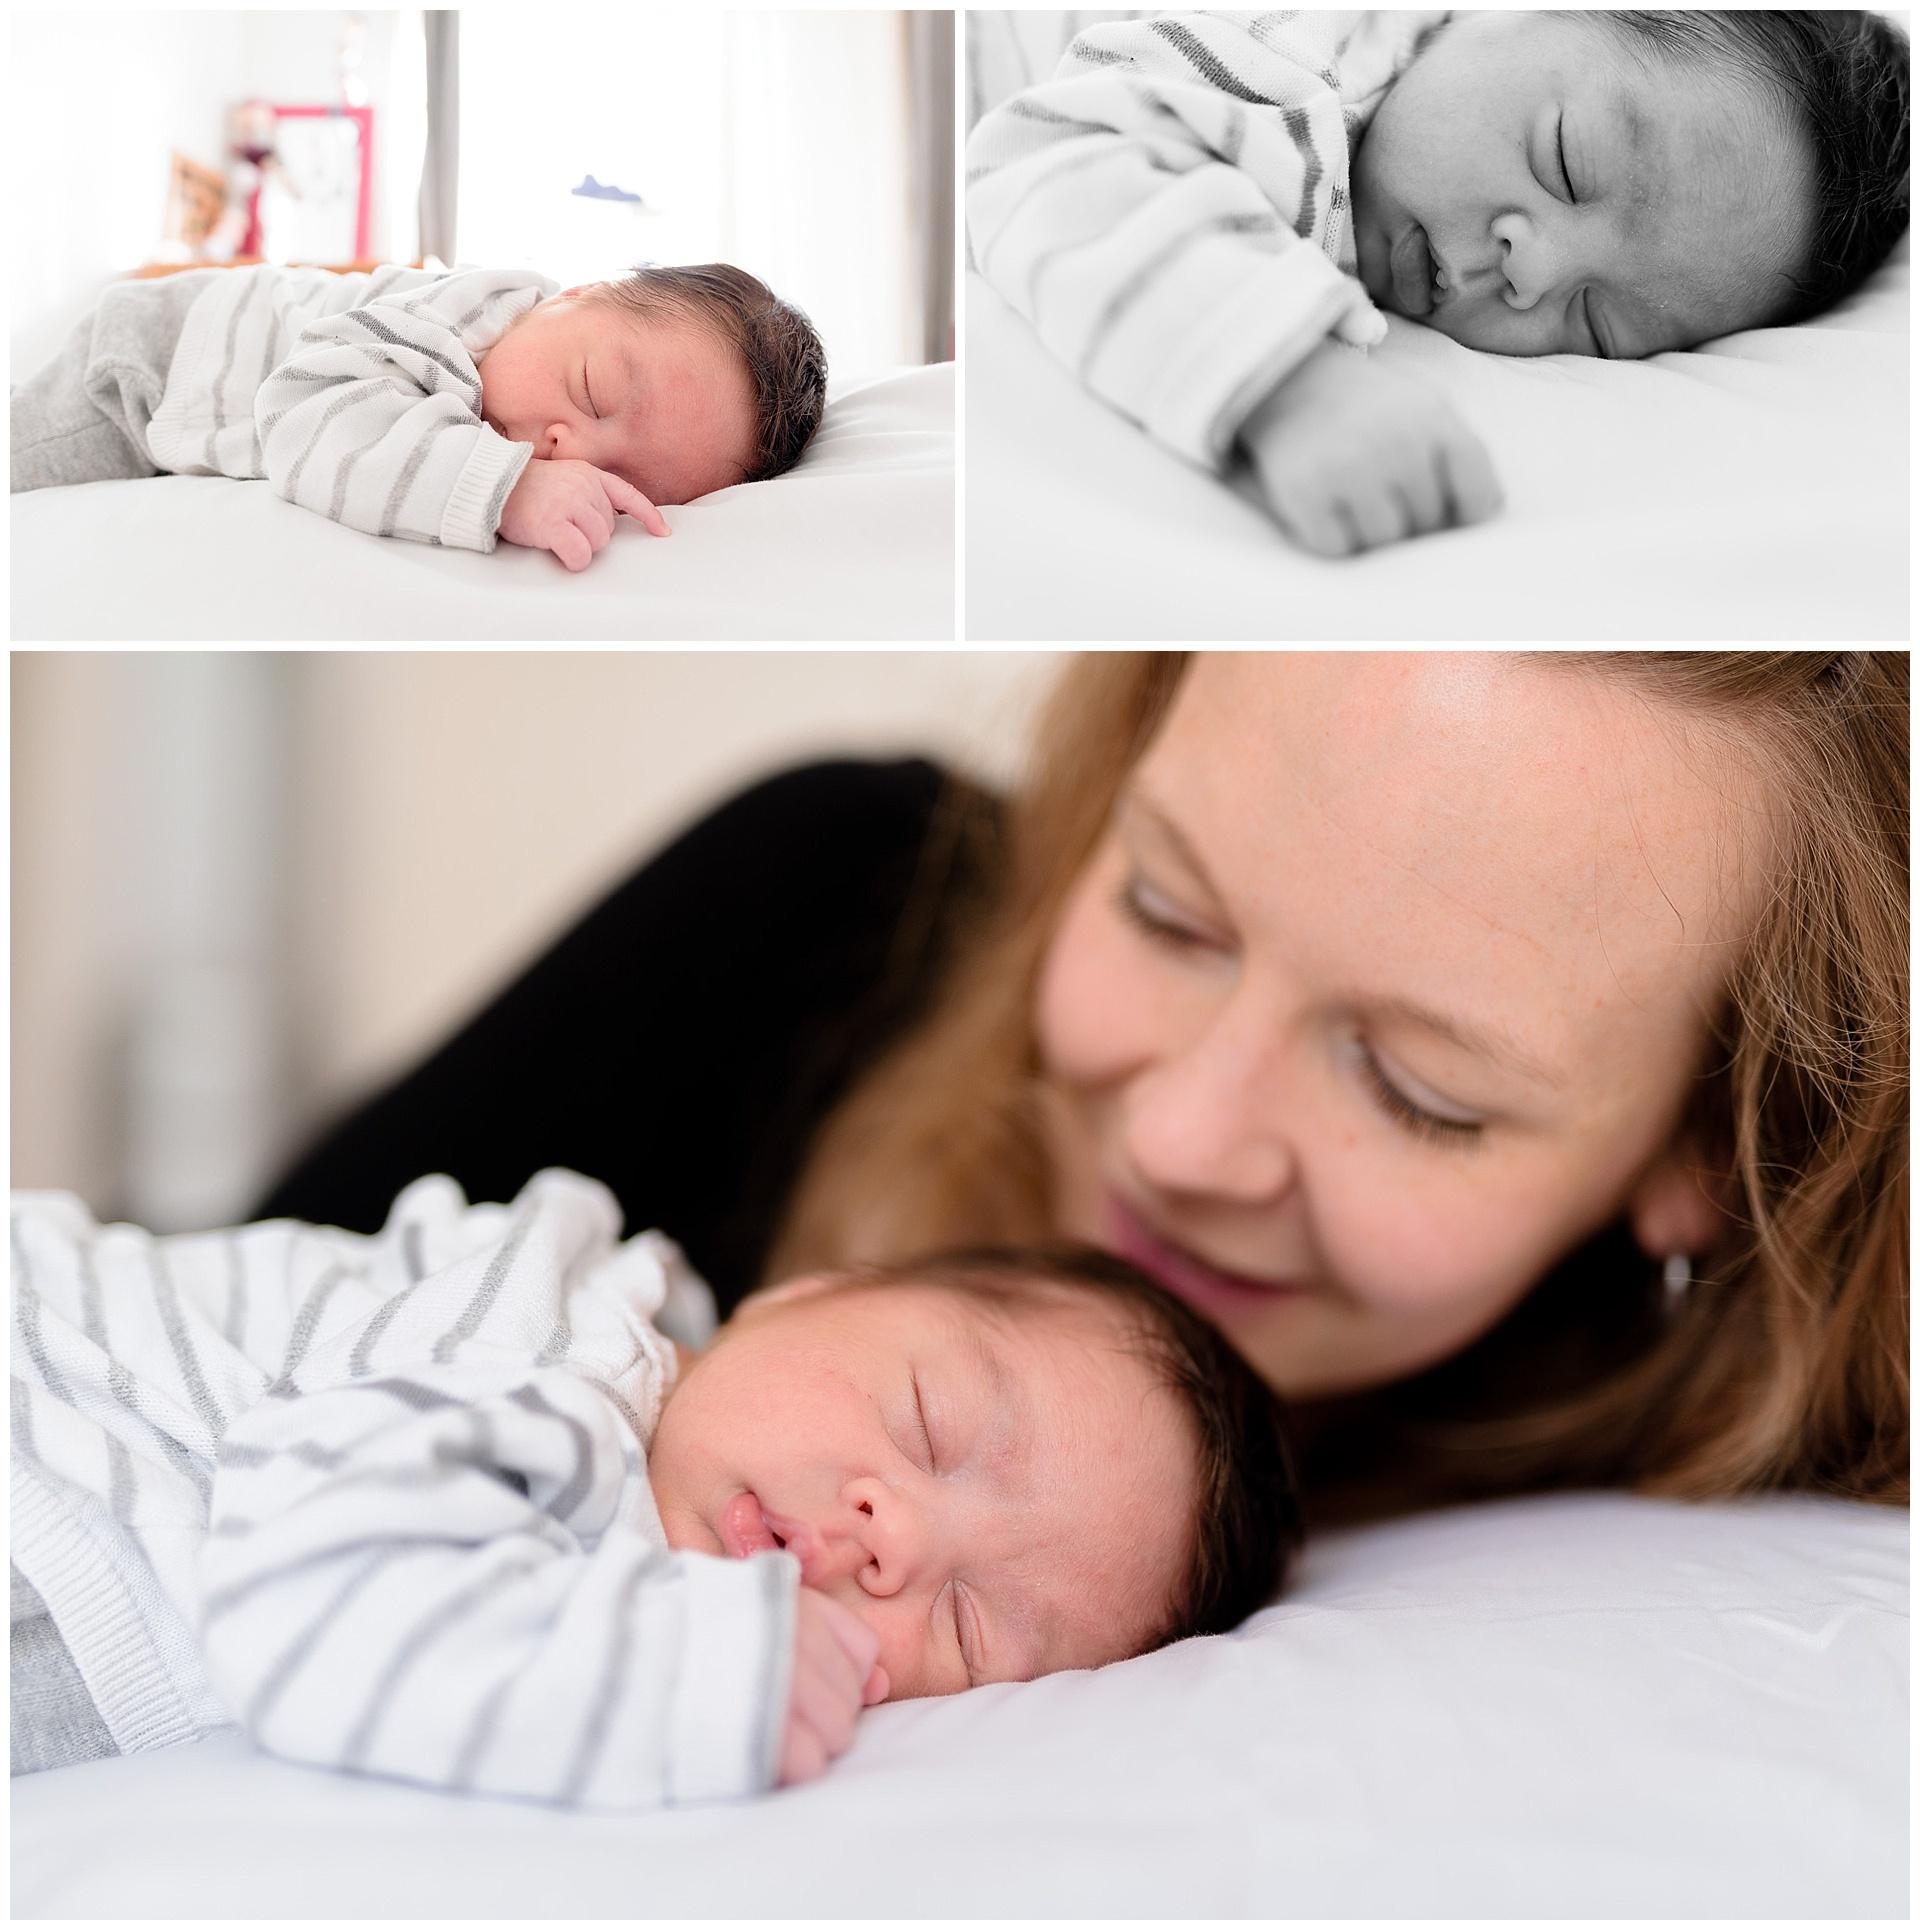 Séance photo naissance nouveau-né bébé hauts-de-seine Boulogne-Billancourt